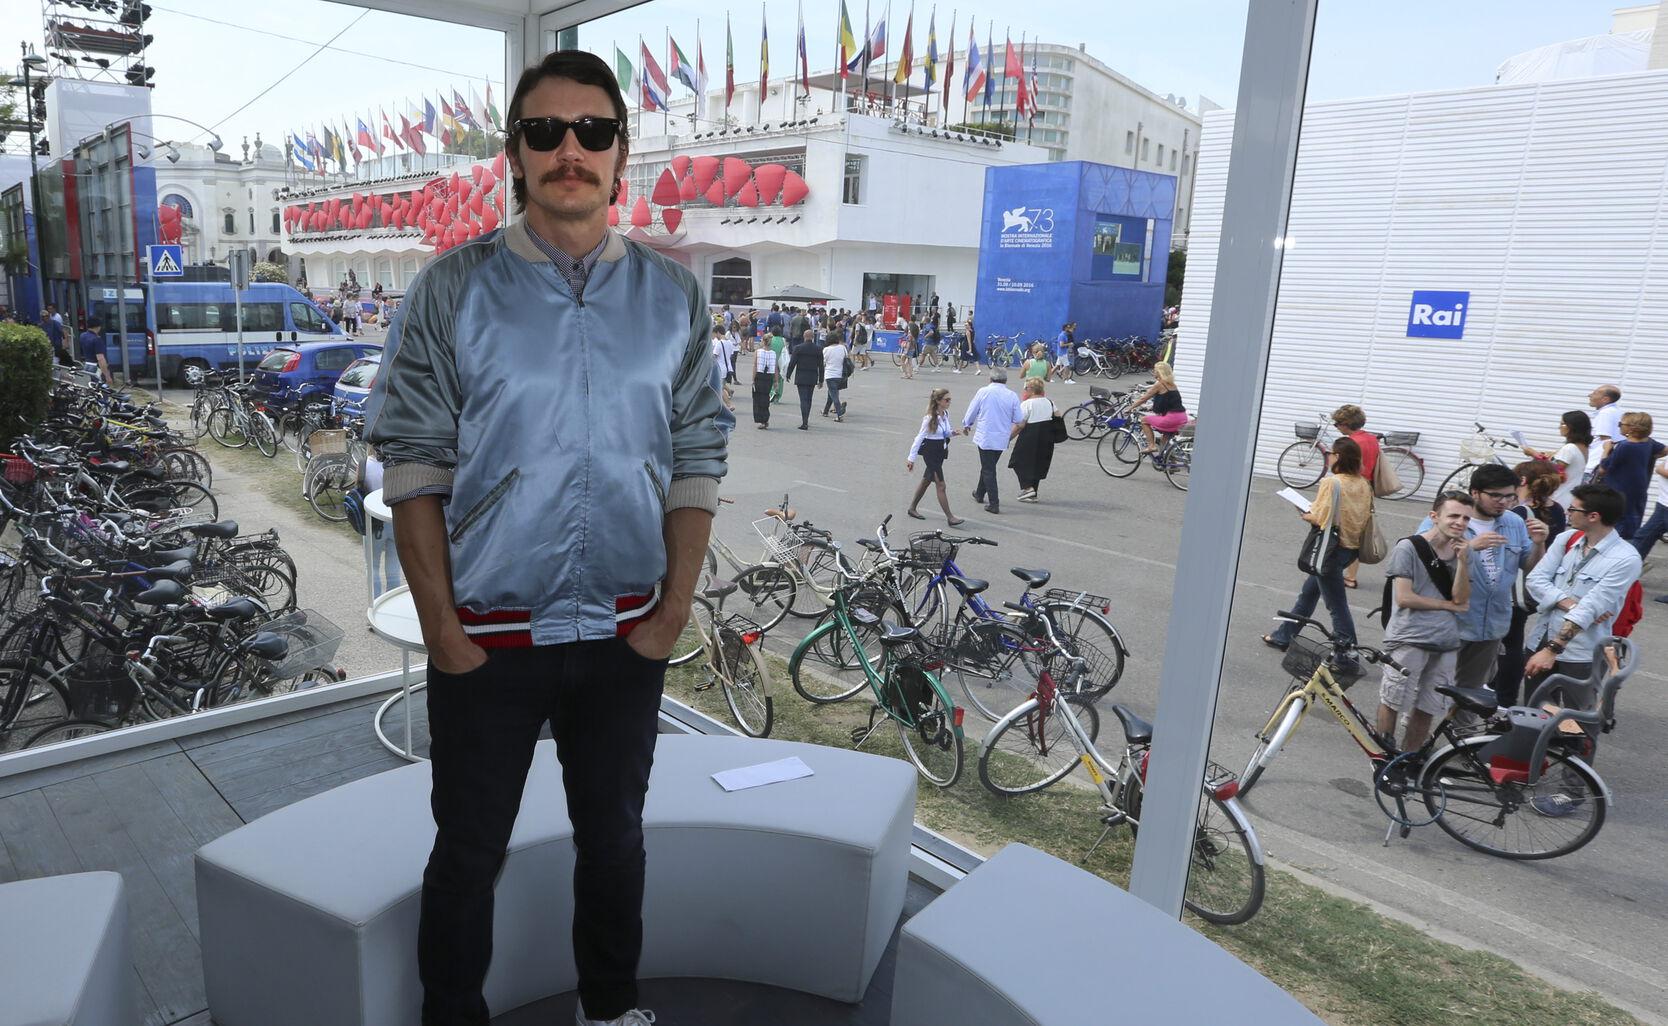 Actor-director James Franco, Golden Globe winner